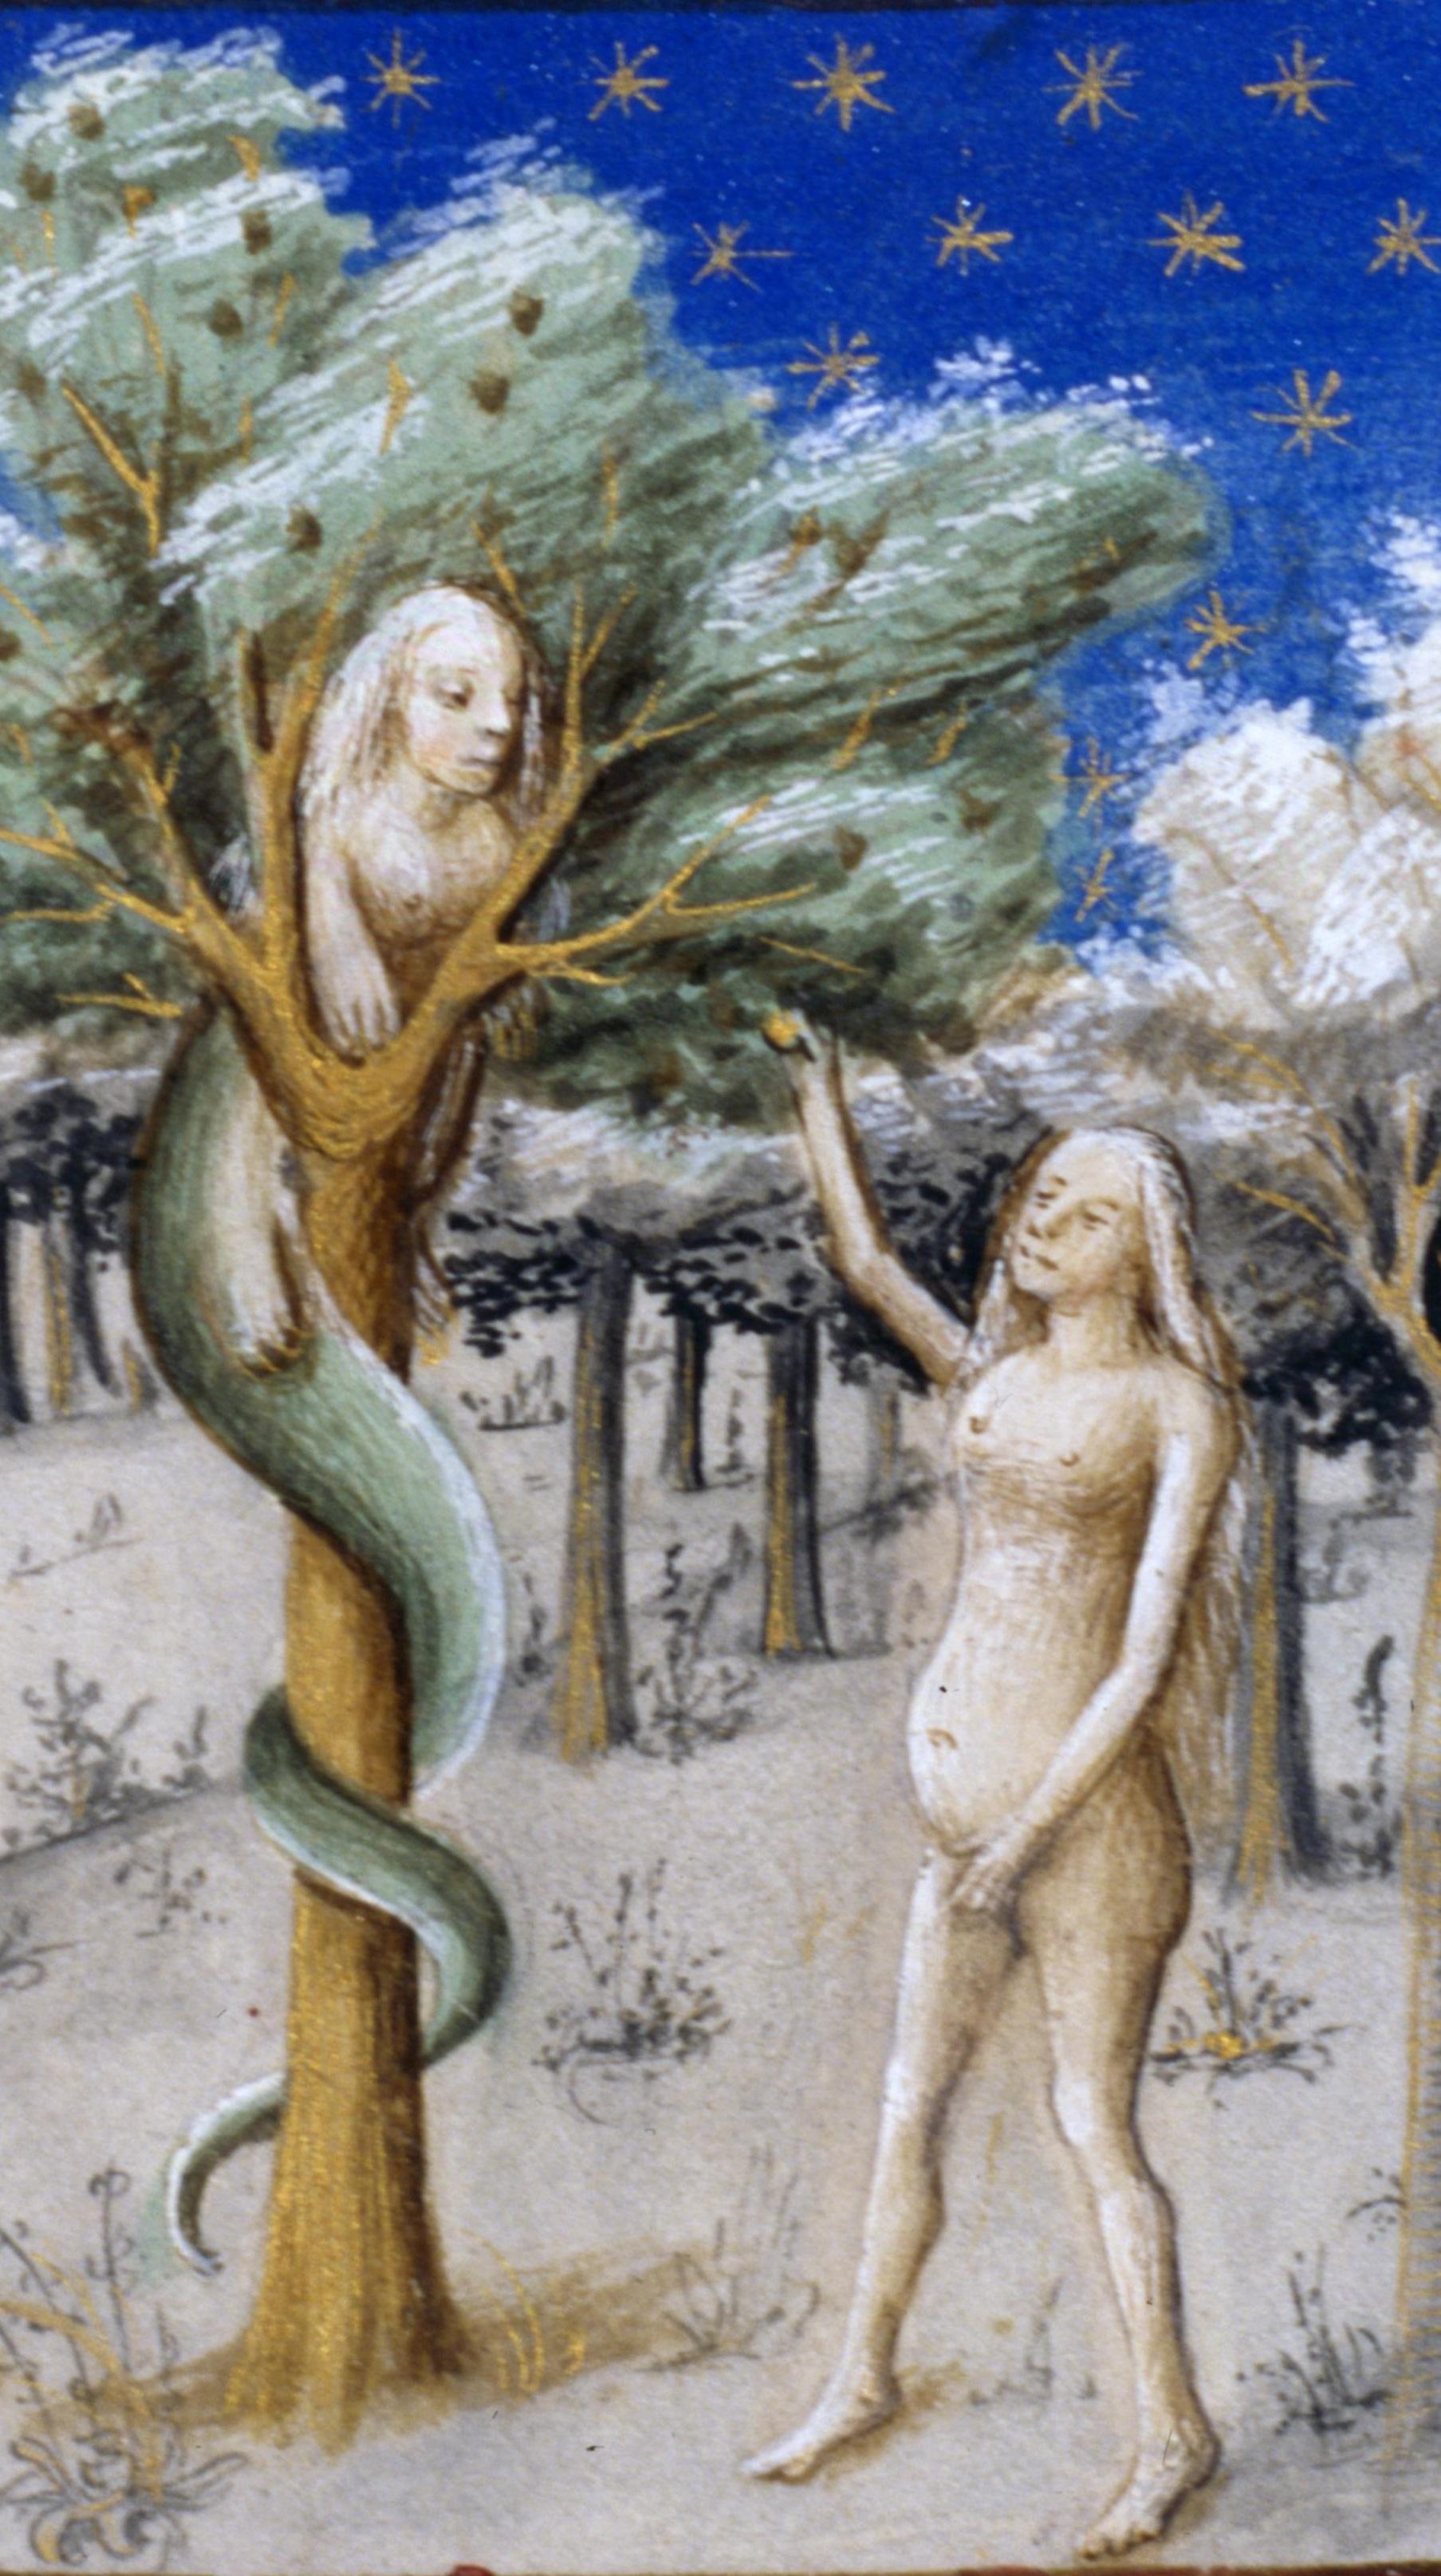 le-miroir-de-humaine-salvation-1455-di-ludolphus-de-saxonia-autore-presunto-eva-tentata-dal-diavolo-nelle-sembianze-di-serpente